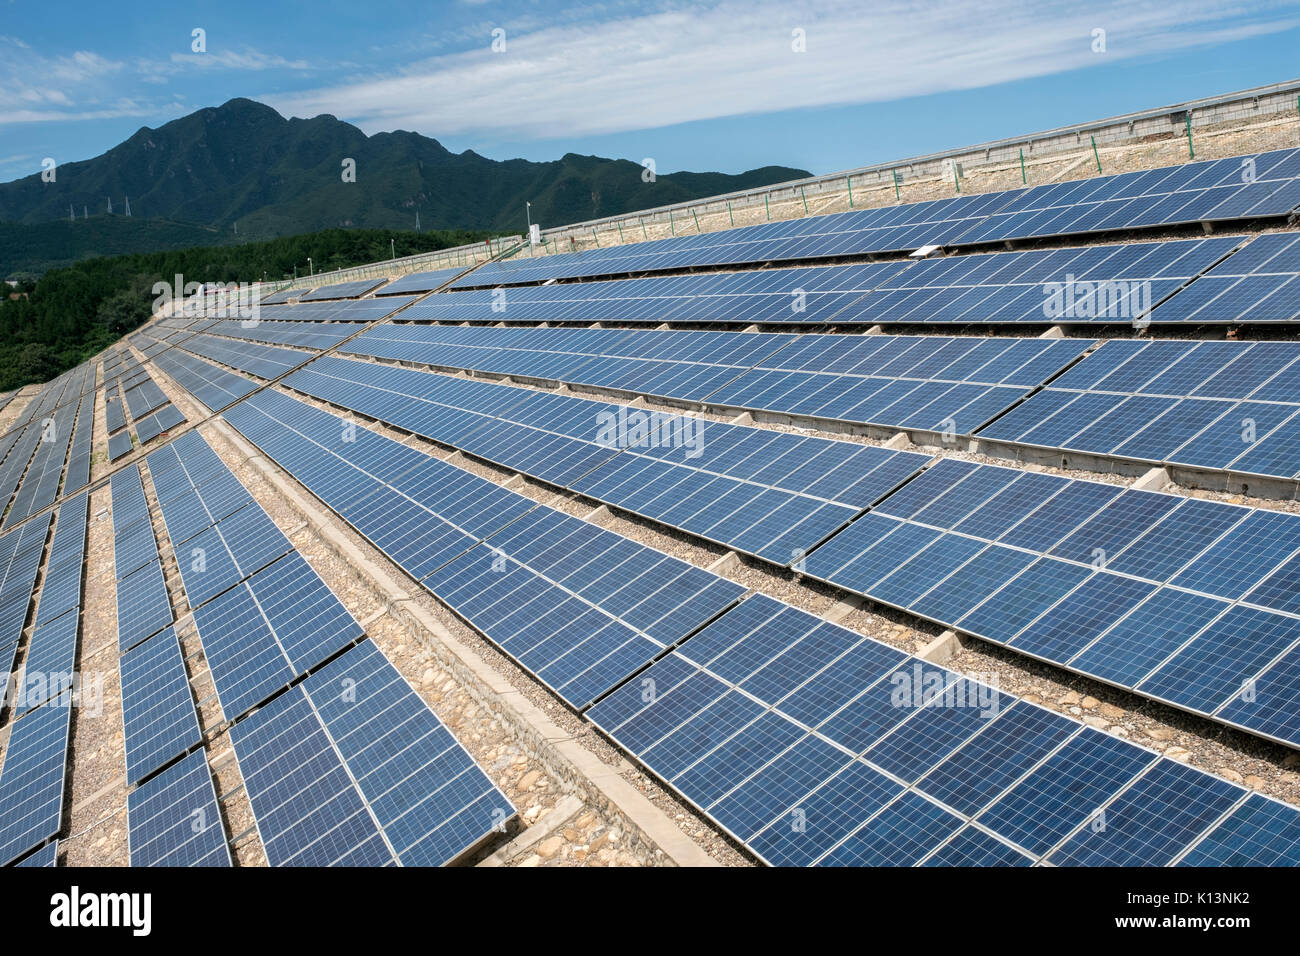 Los paneles solares fotovoltaicos en el embalse del Lago Yanqi en Huairou, Beijing, China. 24-ago-2017 Imagen De Stock